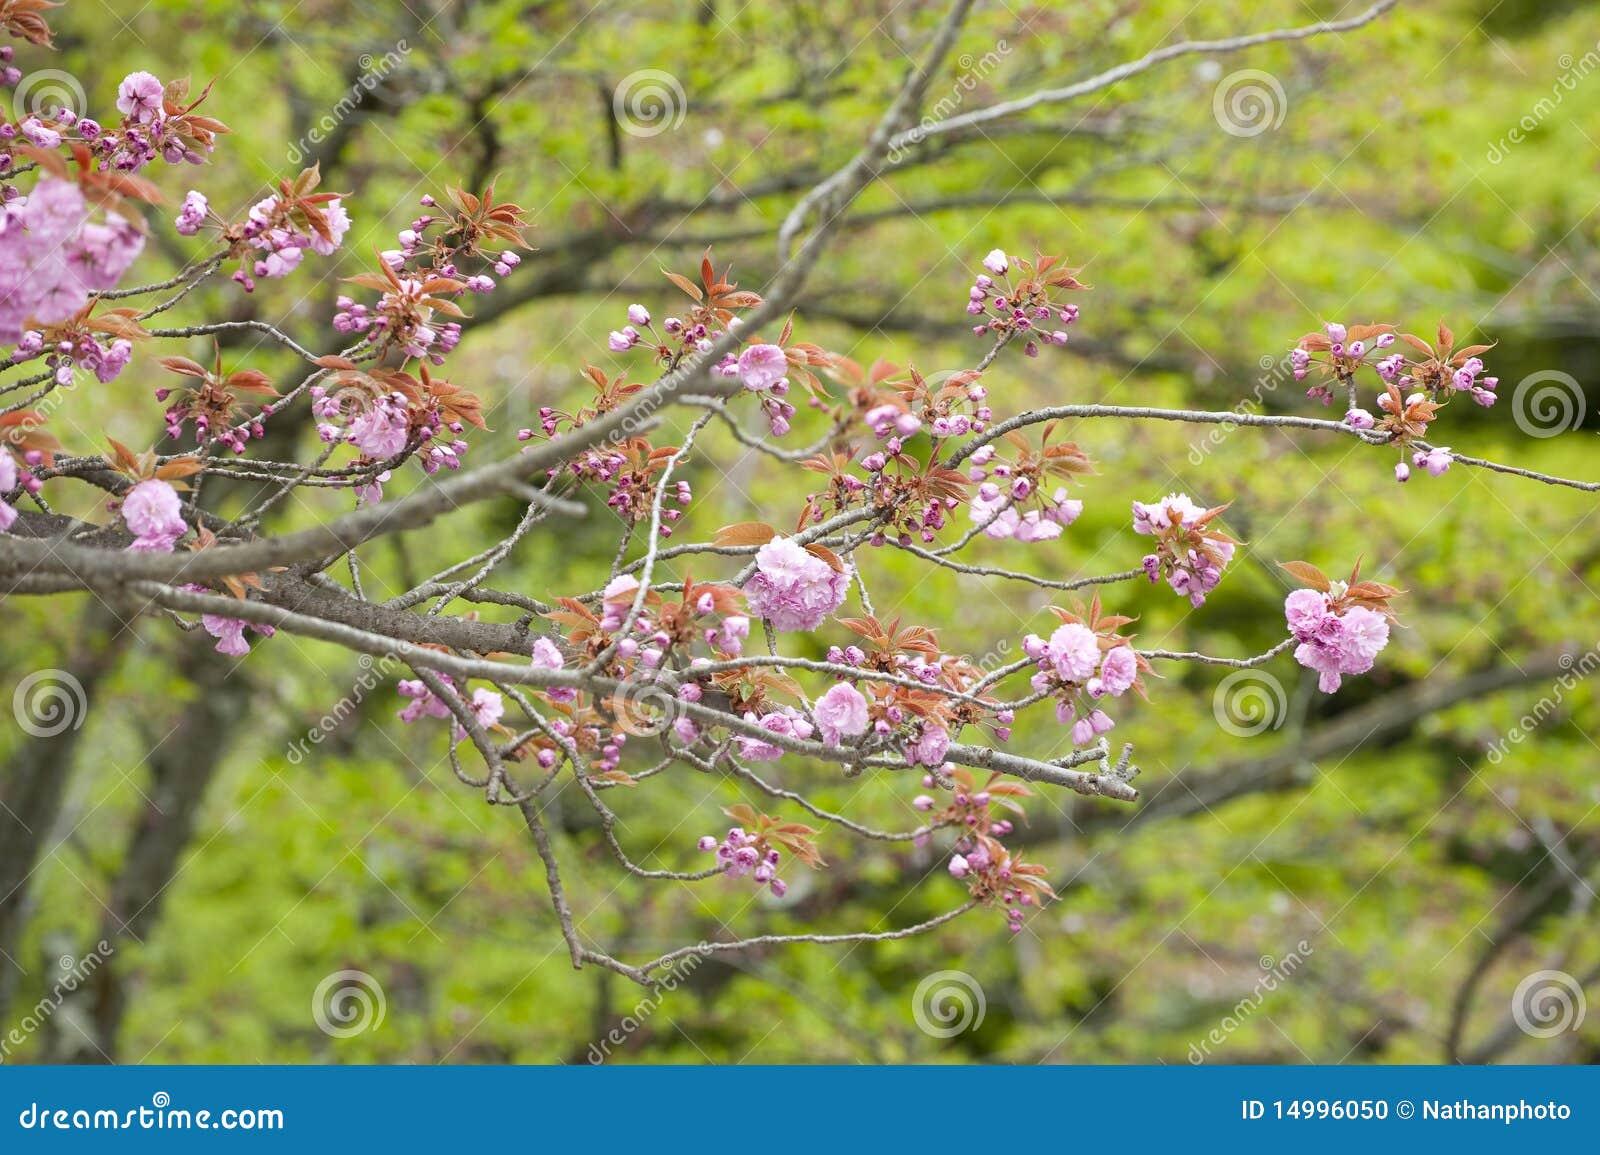 Cerisier de floraison printemps japon photo stock image du rose arbre 14996050 - Arbre rose japon ...